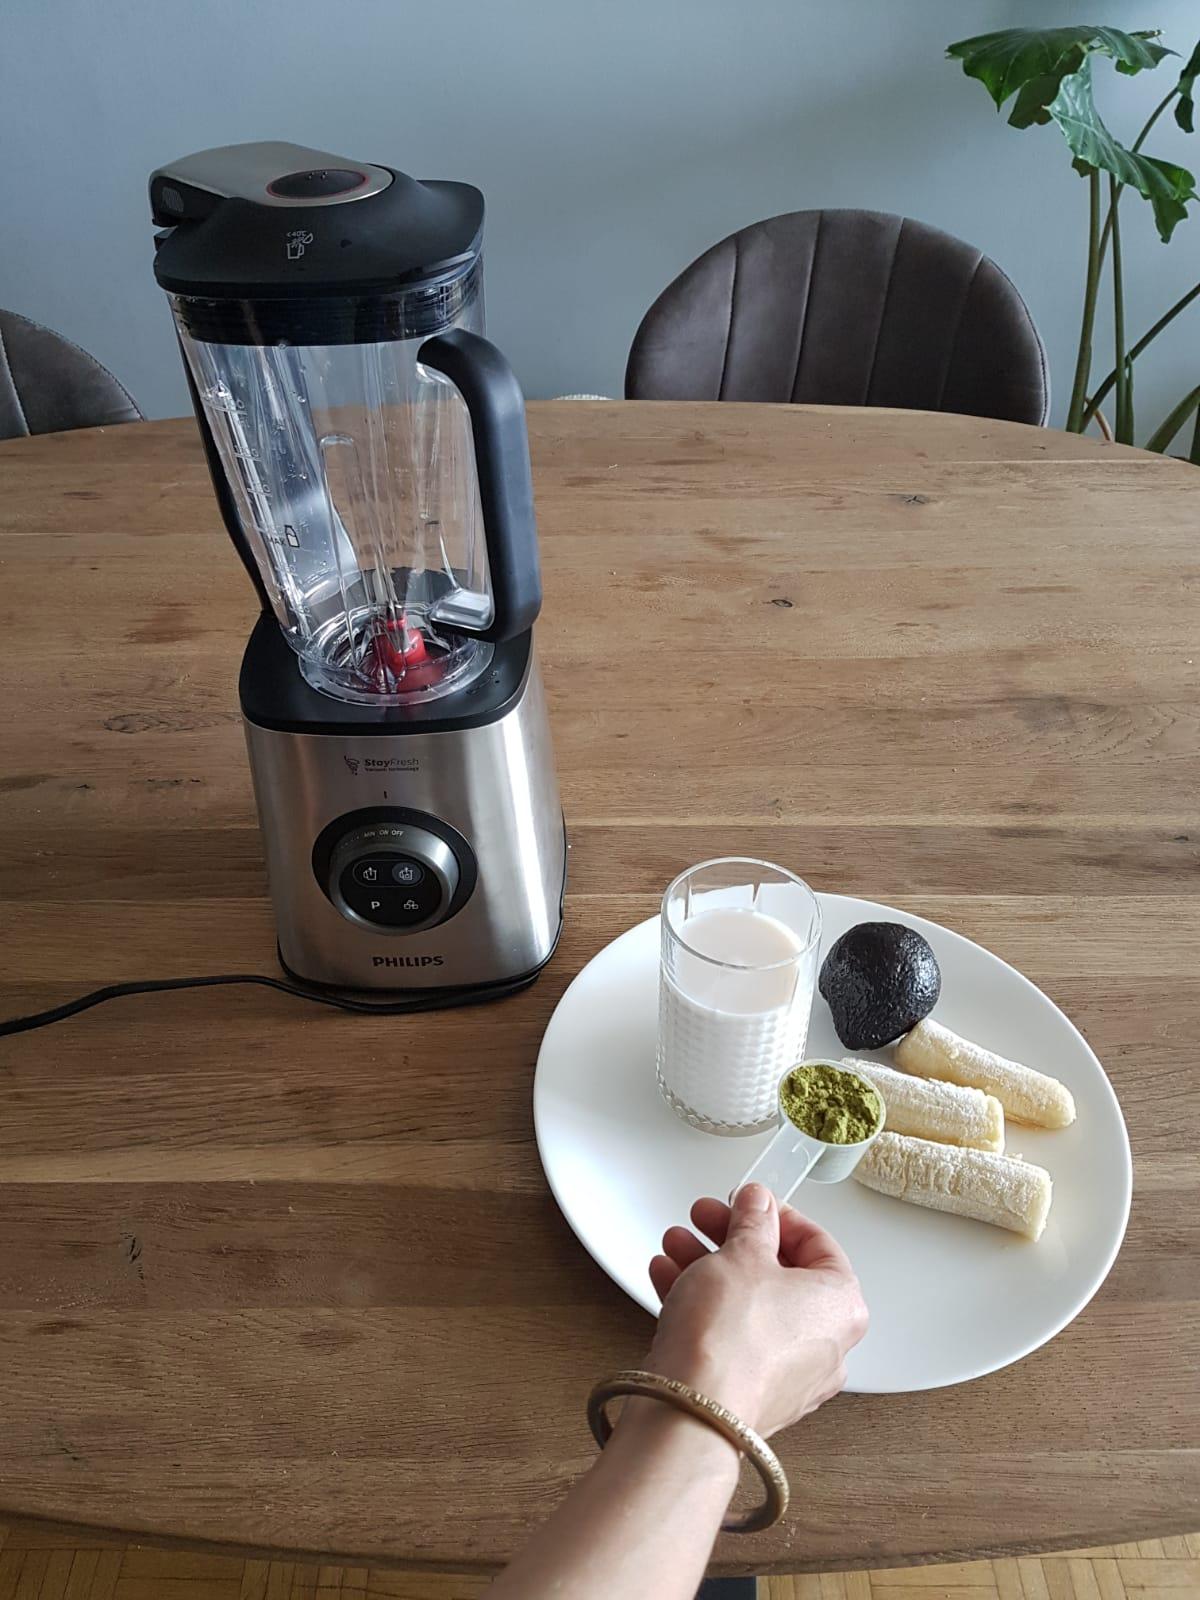 Ontbijtsmoothie - 1 glas rijstmelk, 1,5 bevroren banaan, 1 schep proteïnepoeder, 1/4 avocado